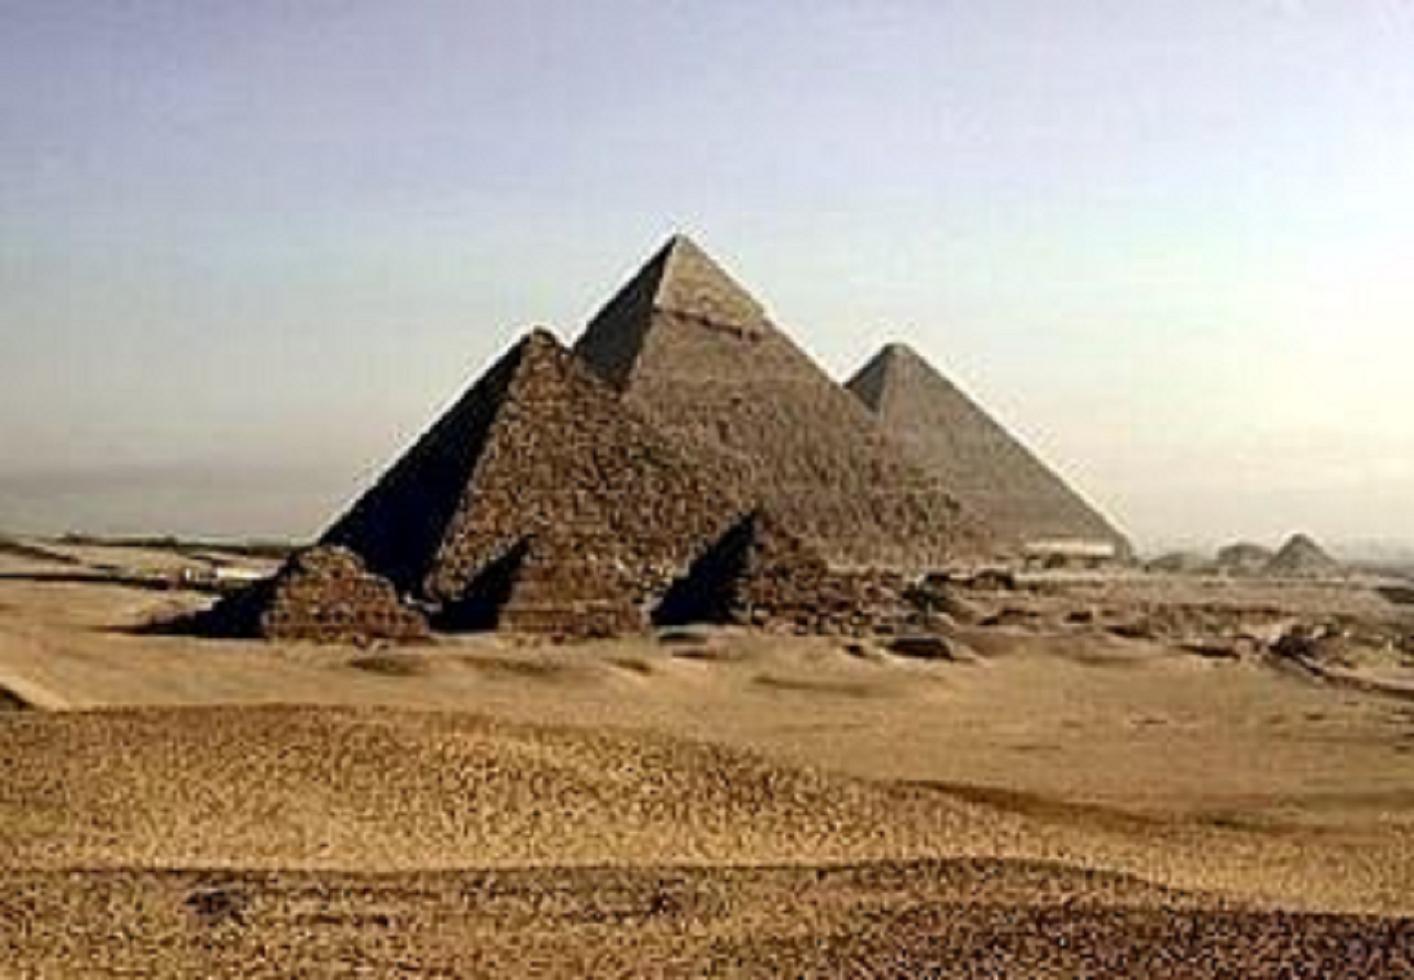 Πῶς ὁ Θαλῆς μέτρησε τό ὕψος τῶν πυραμιδῶν;1